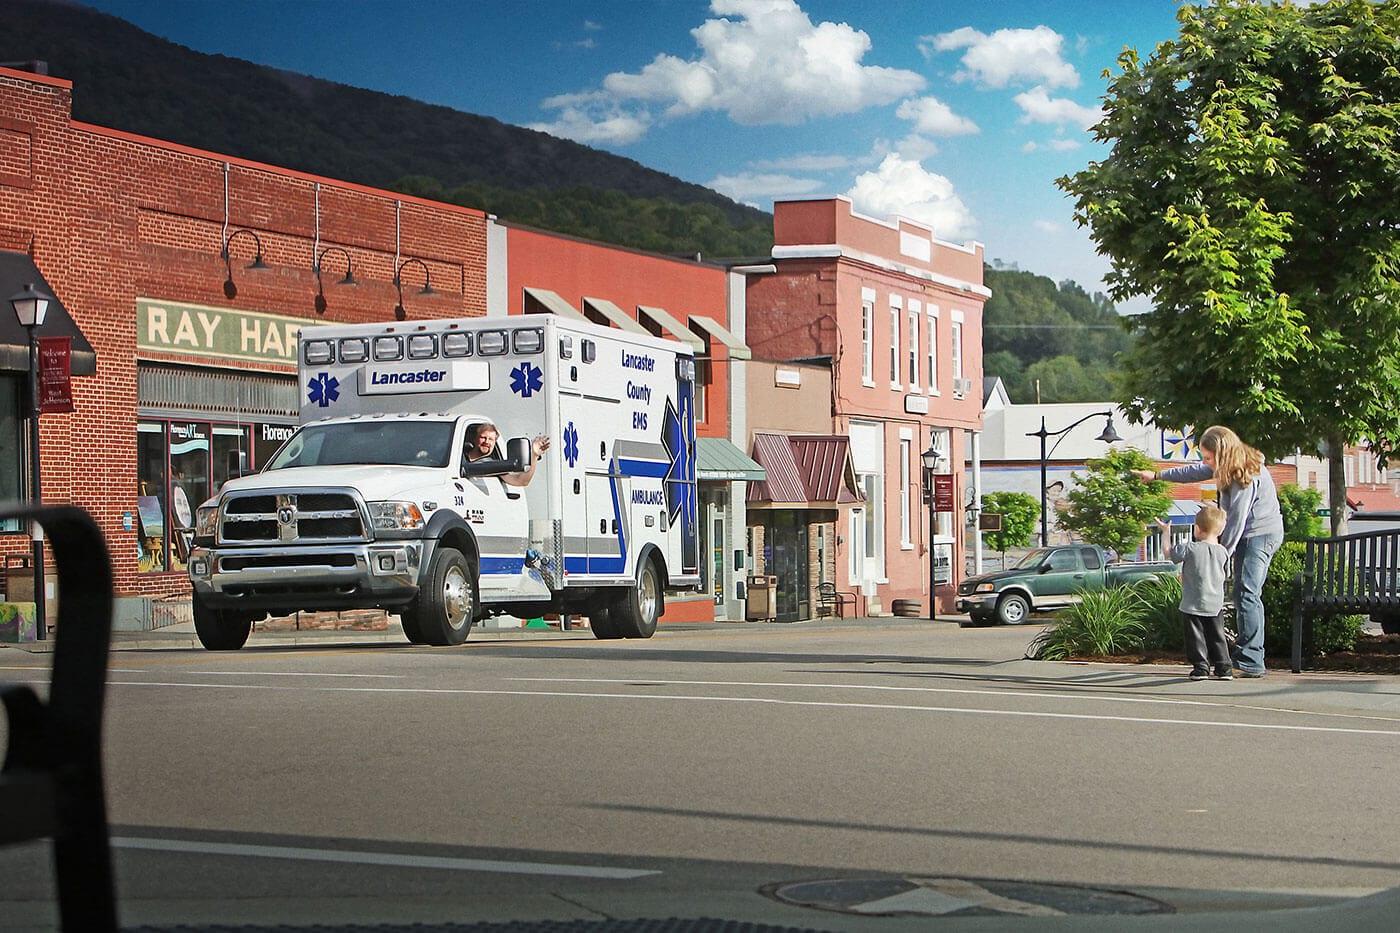 AEV Type 1 Ambulance